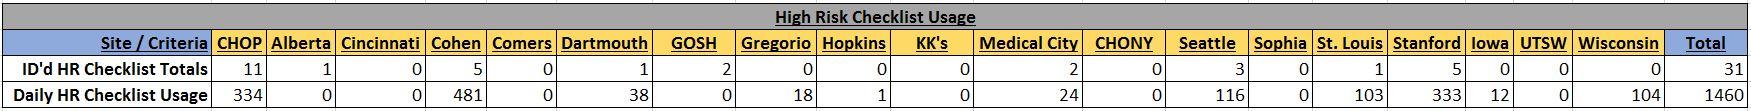 HR_Checklist_Usage